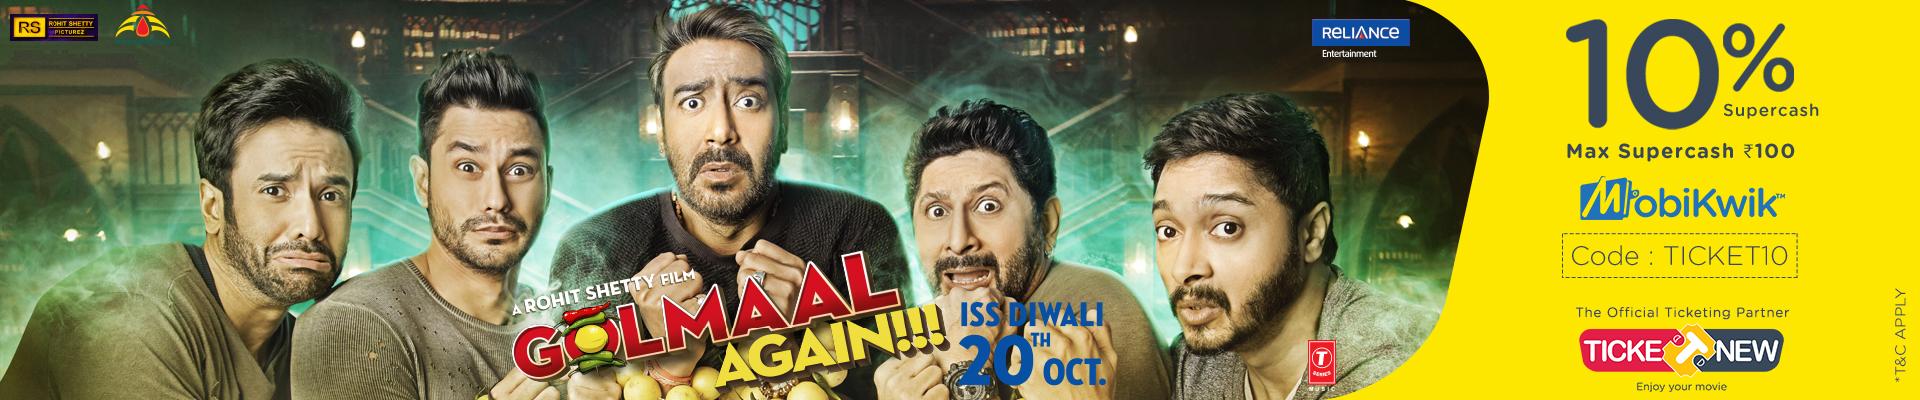 Visakhapatnam - Online Movie Tickets Booking, Theatre ...